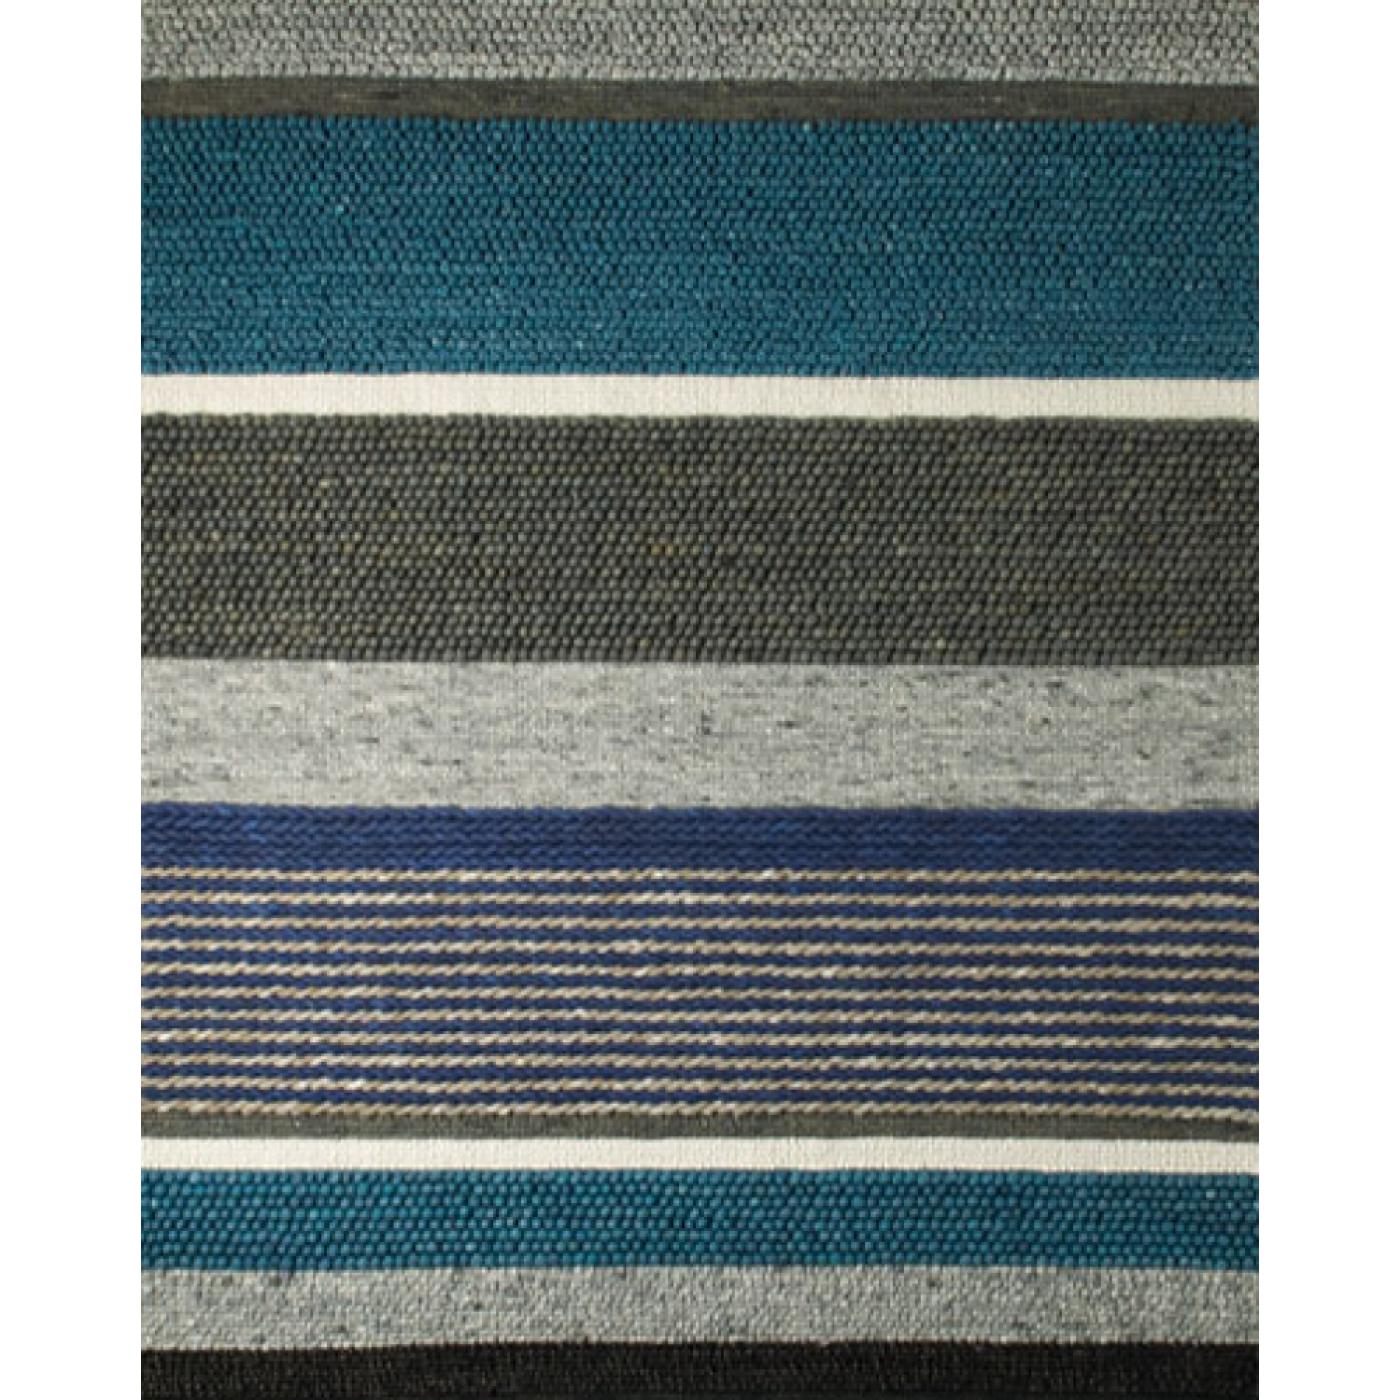 Vloerkleed Perletta Structures Mix Blauw met grijs